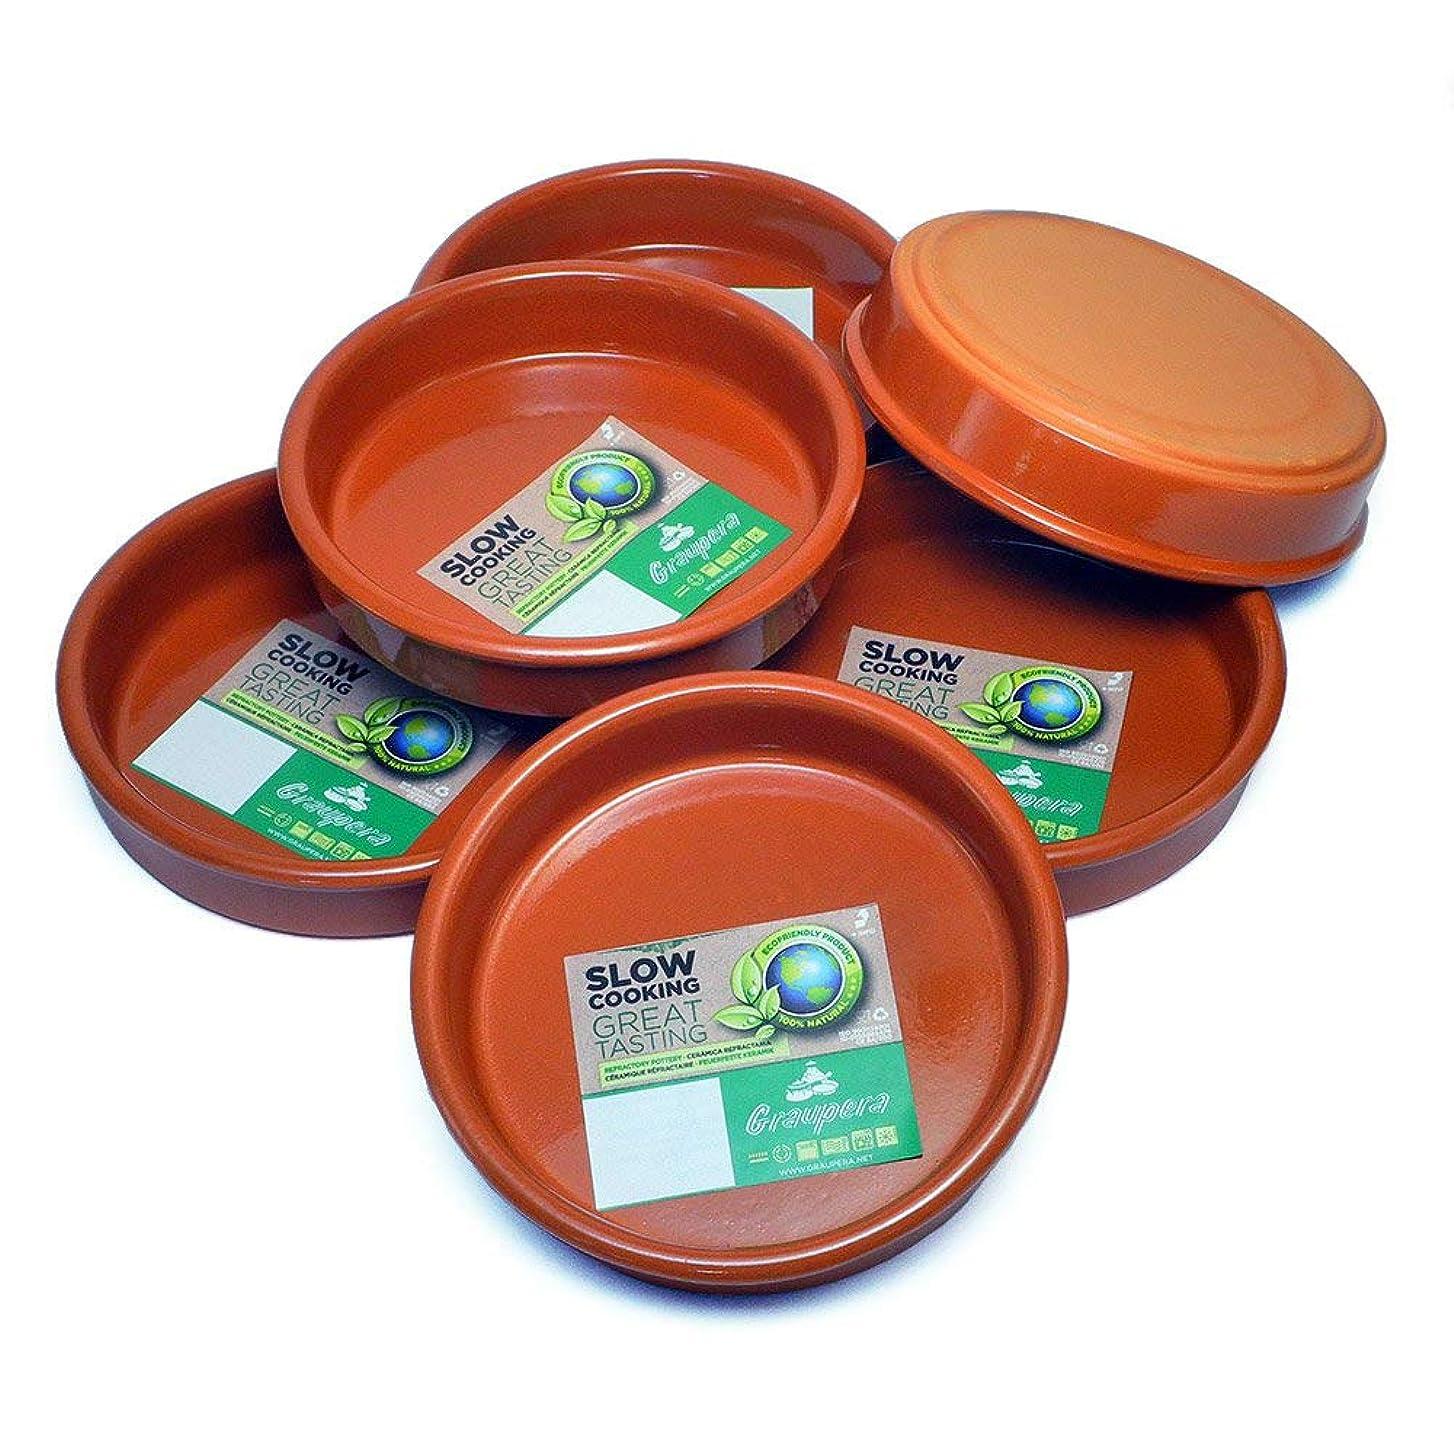 受益者親愛なシーンスペイン製 テラコッタ 陶器製 カスエラ 土鍋 14cm 1人用 プロ用 オーブン 直火可 アヒージョ鍋 Graupera (6枚セット)